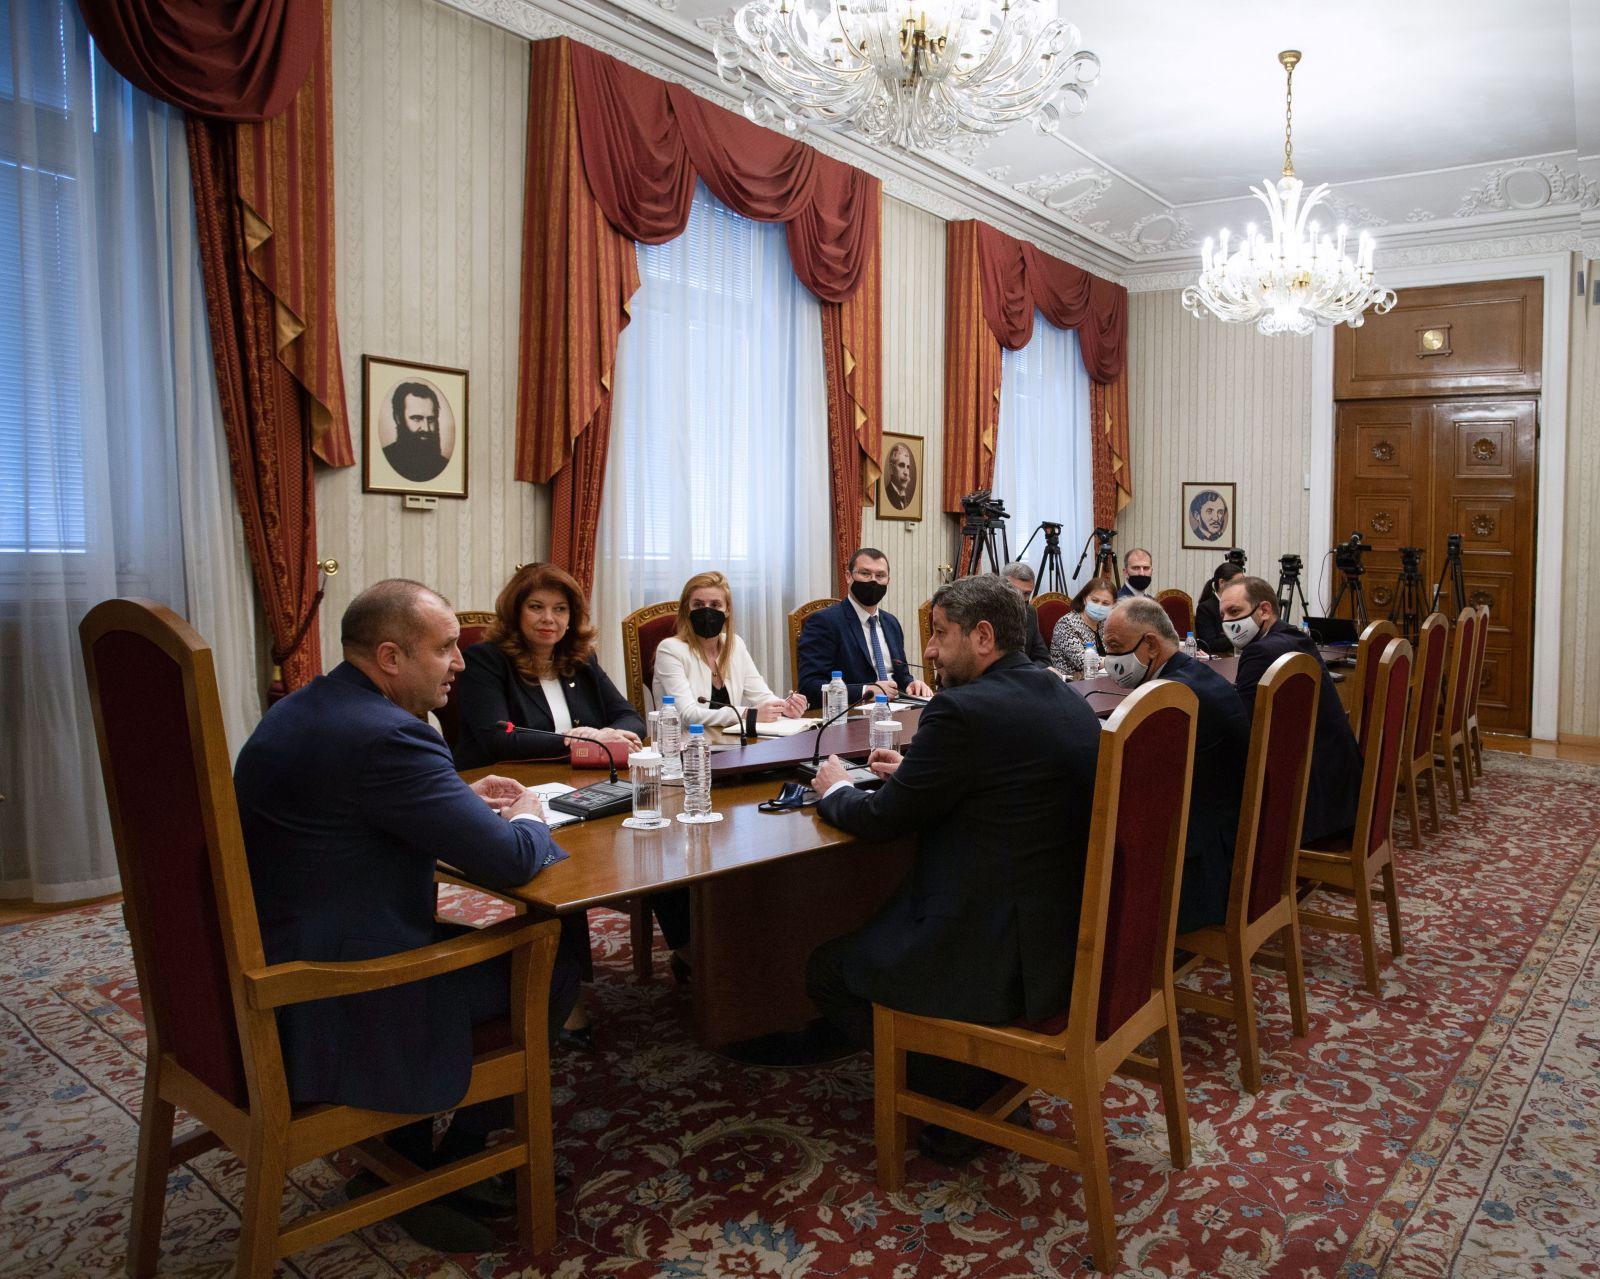 """Държавният глава проведе консултации с представители на парламентарната група на """"Демократична България"""" в 45-ото Народно събрание"""